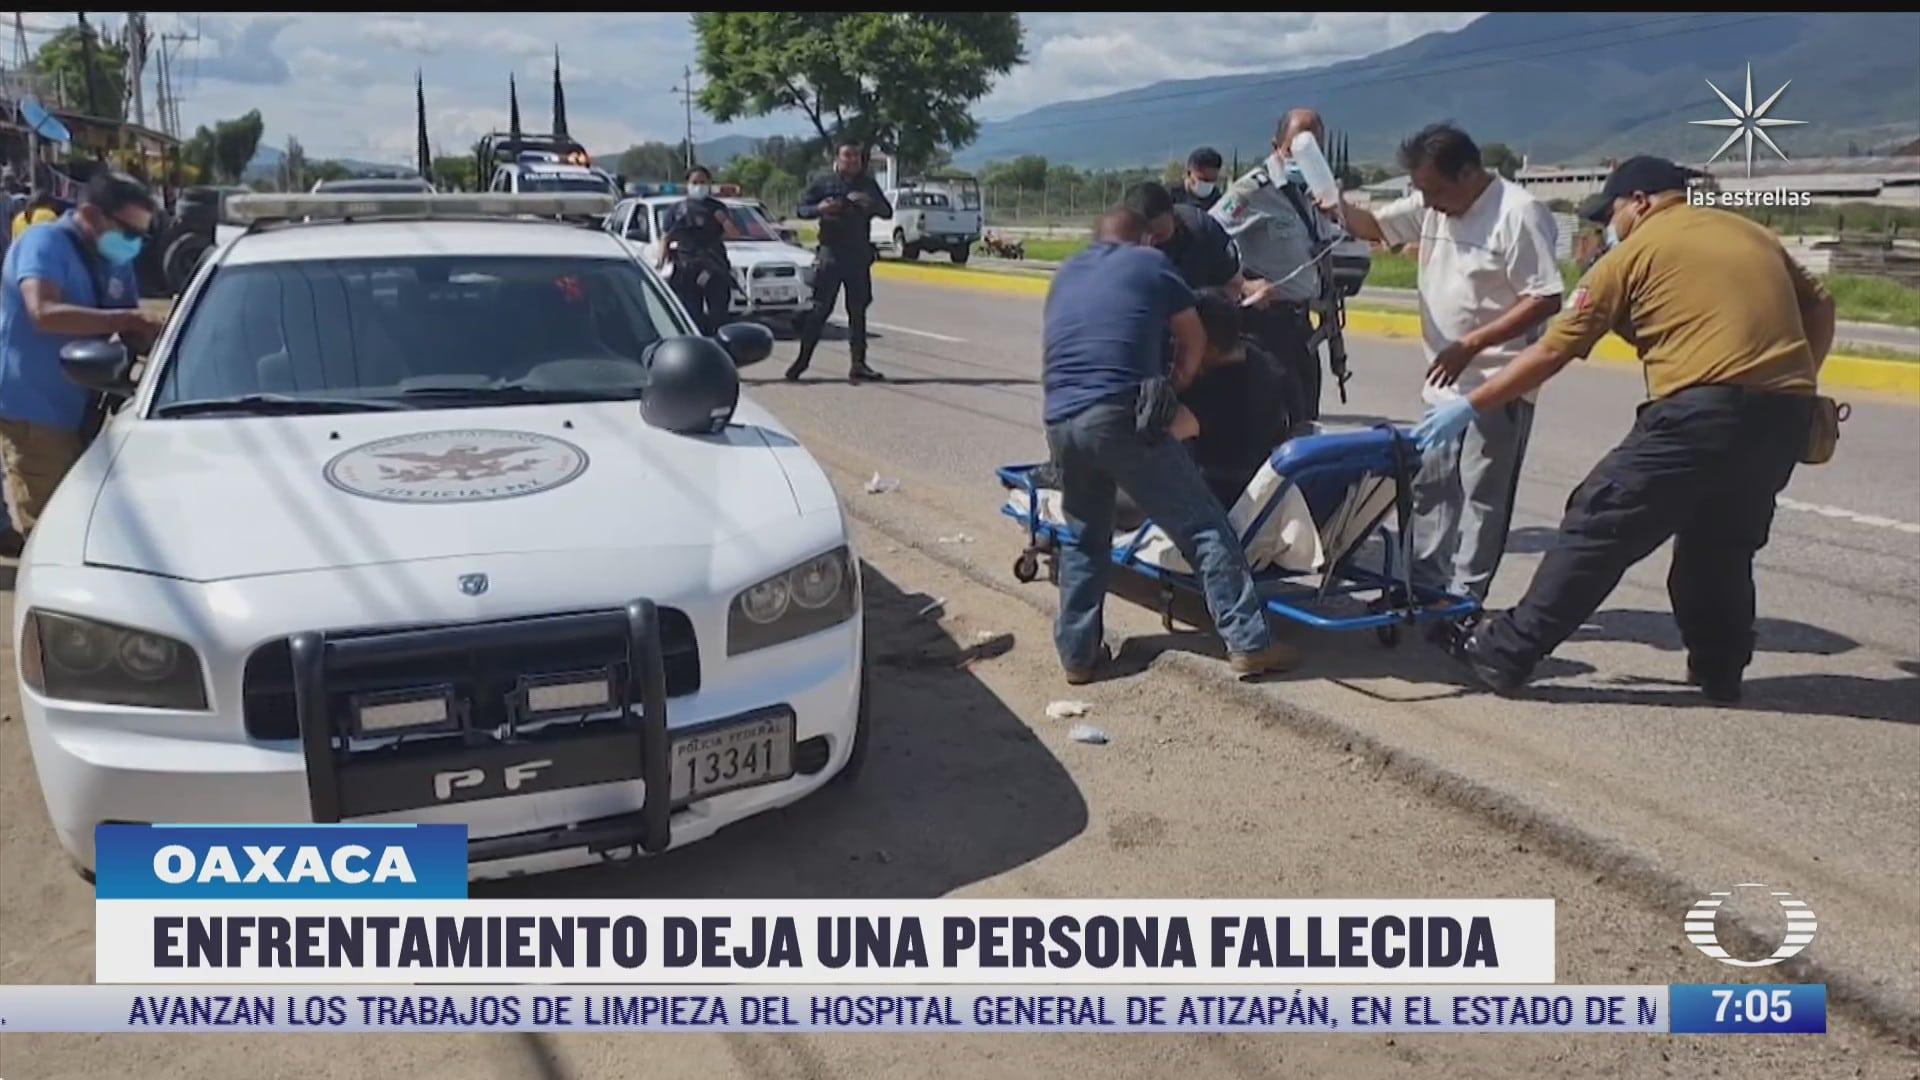 enfrentamiento entre gn y miembros de la agencia estatal de investigaciones deja un muerto en oaxaca